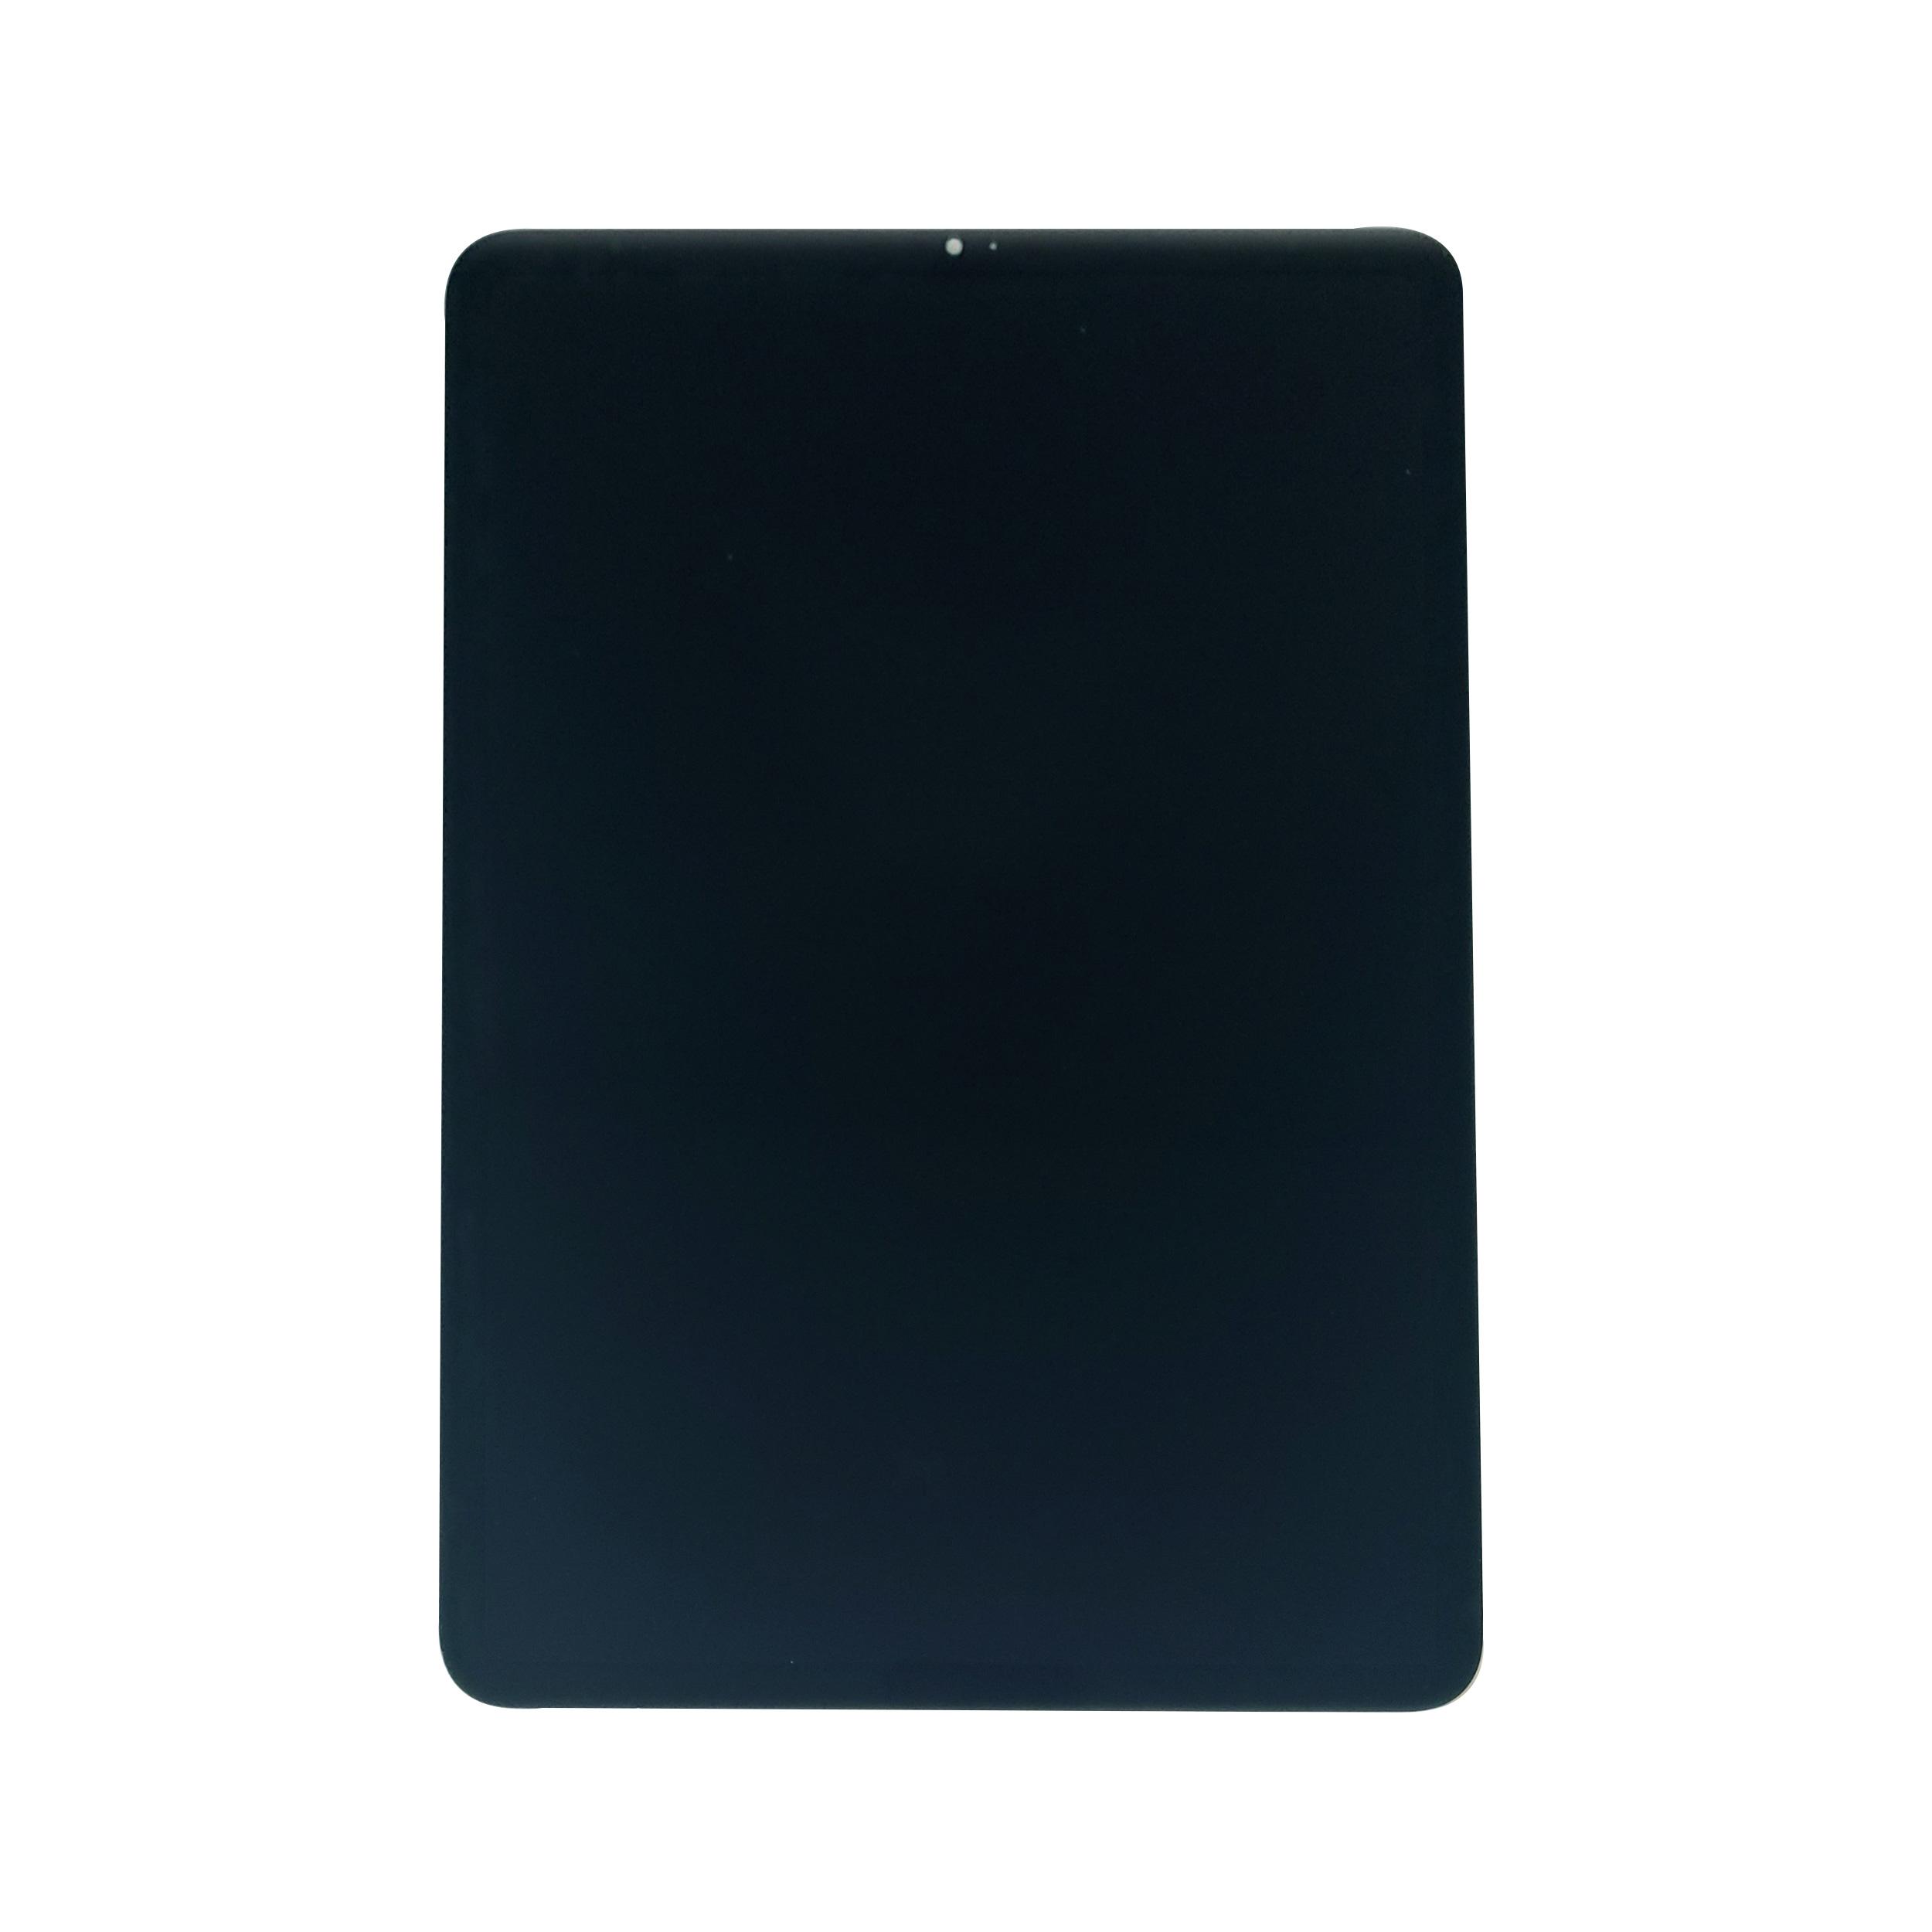 Màn hình full zin máy iPad Pro 12.9 inch 2018